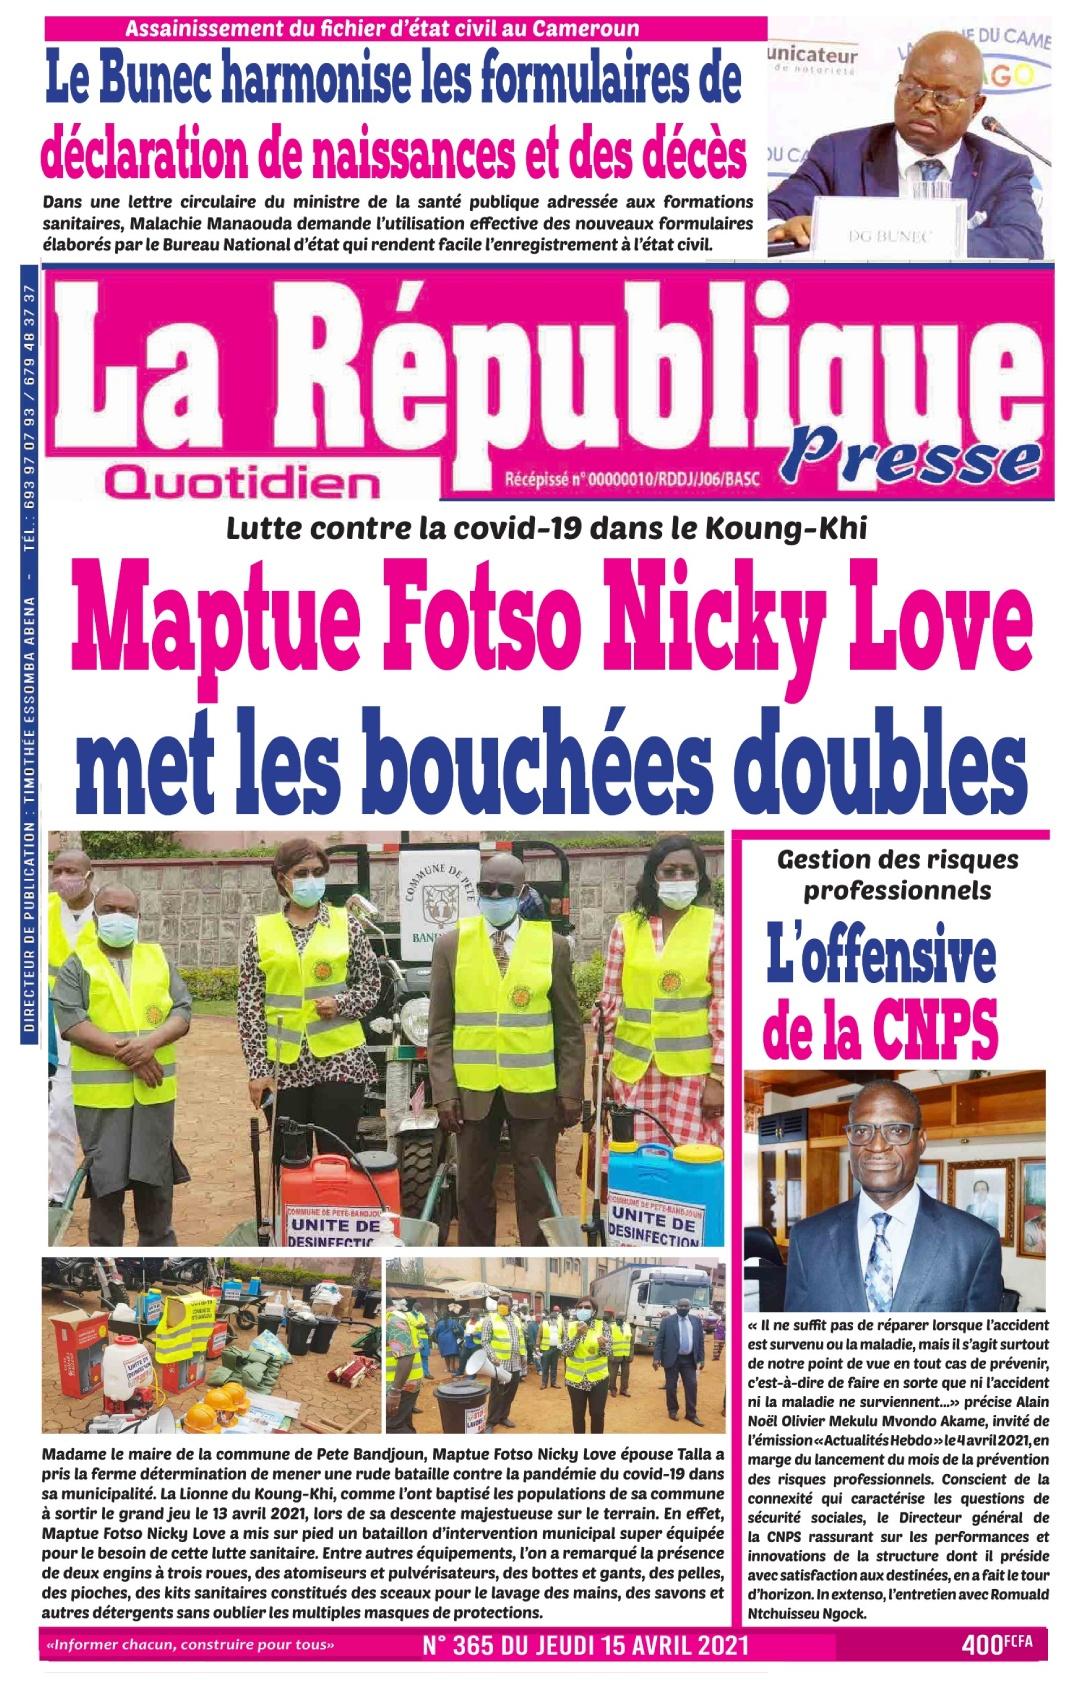 LA REPUBLIQUE PRESSE - 15/04/2021